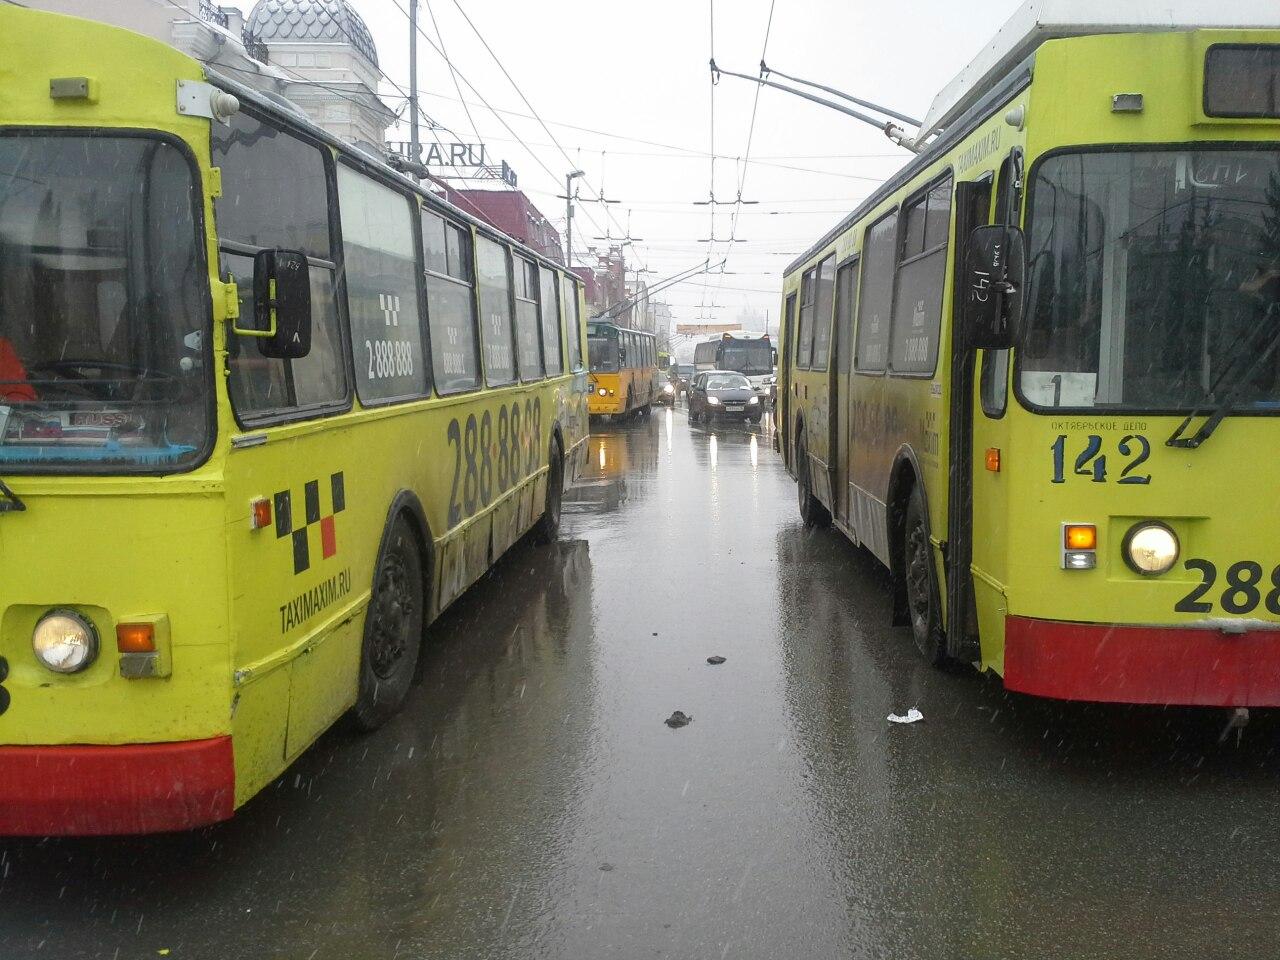 Городские депутаты попросили у Заксобрания денег на общественный транспорт